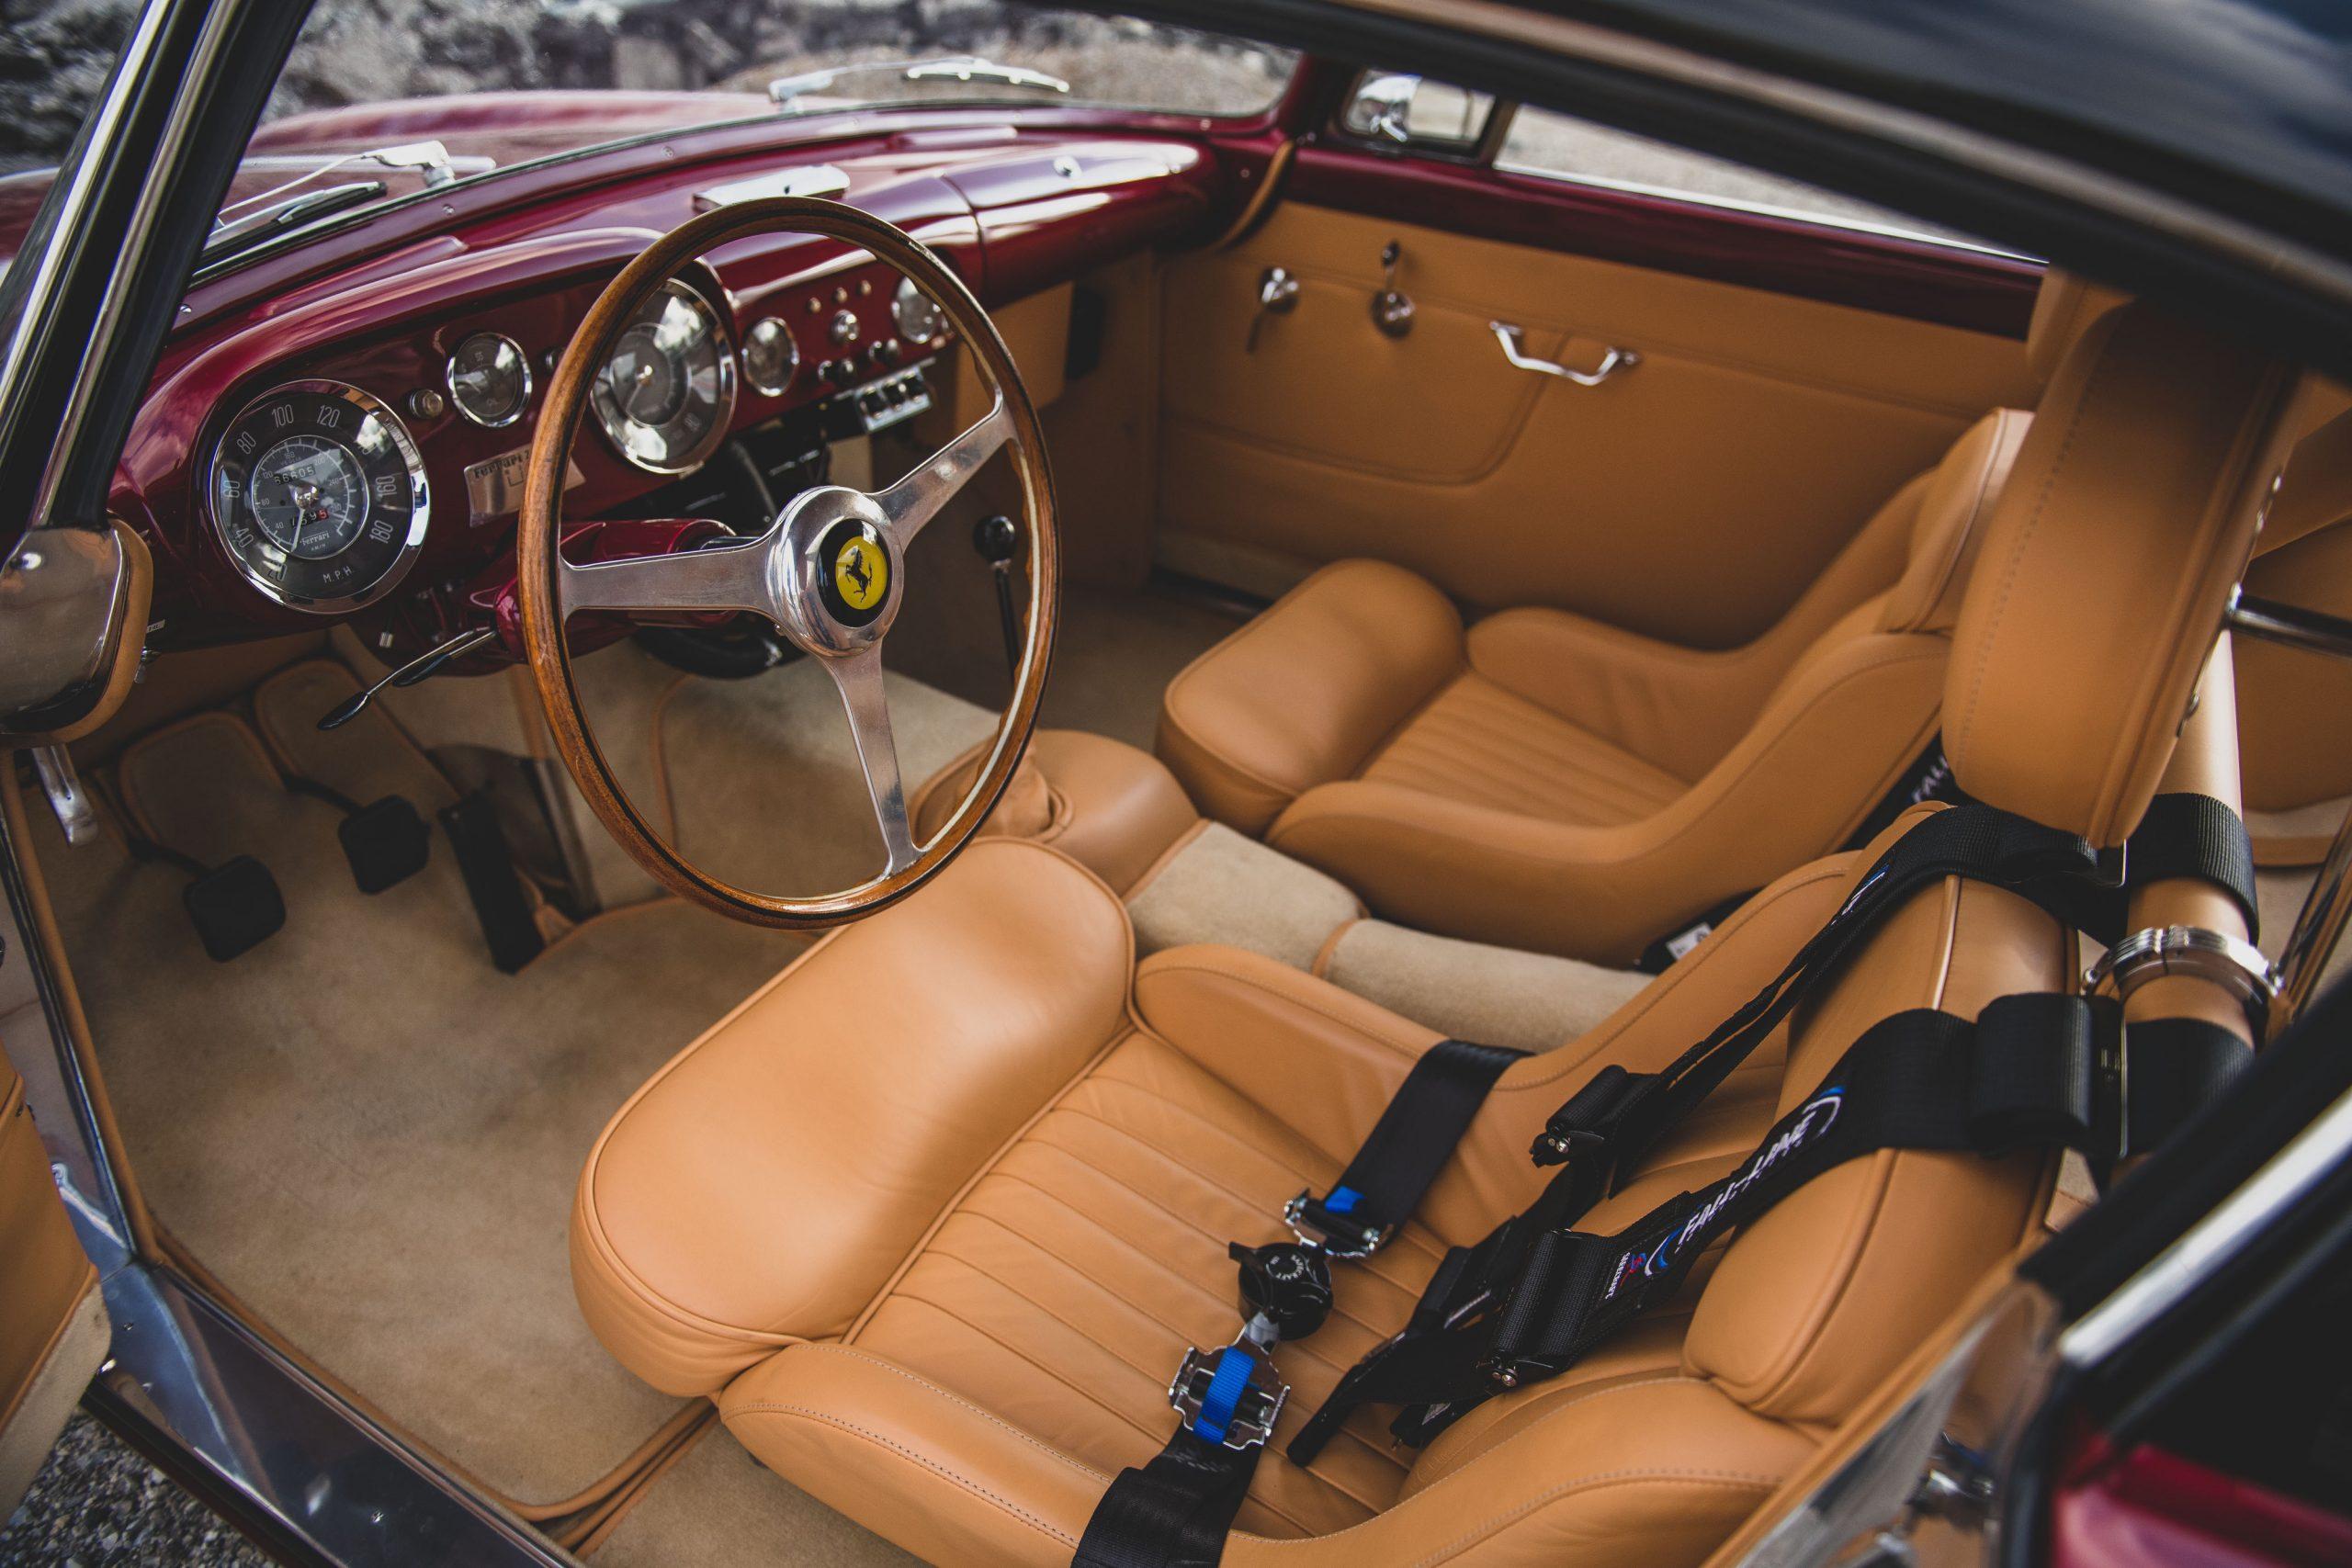 Ferrari 250 GT Alloy Coupe interior